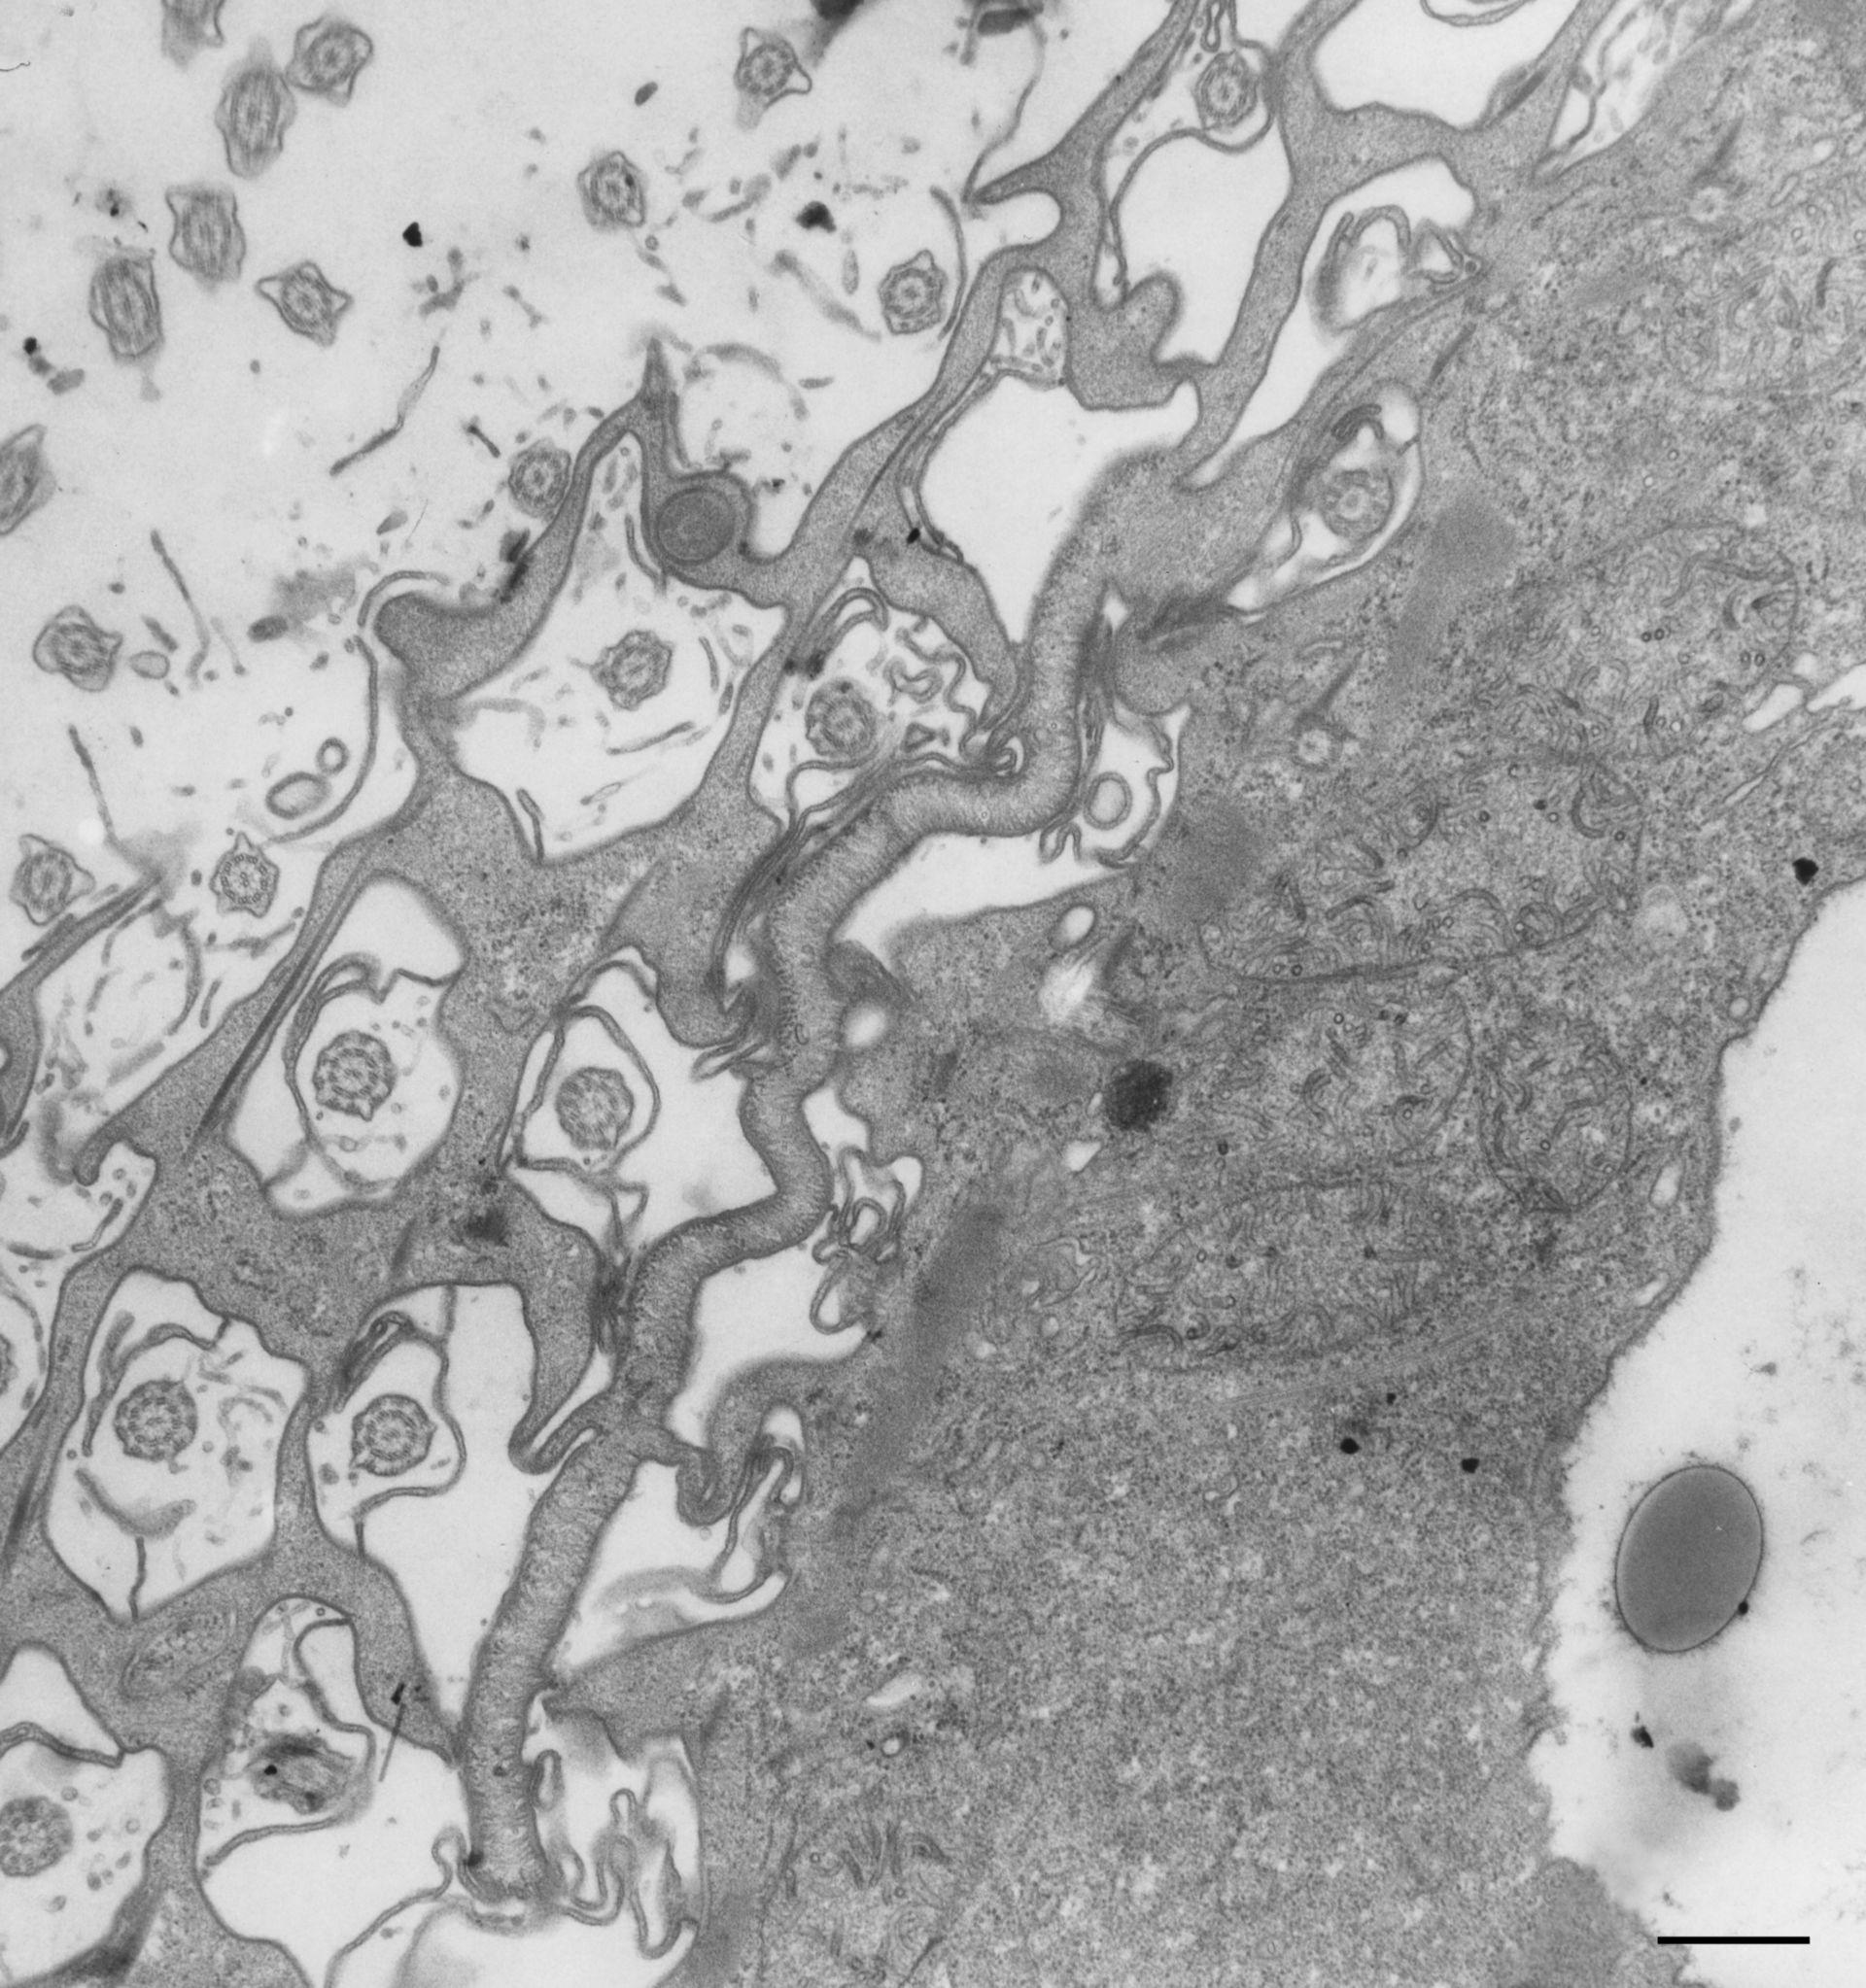 Paramecium multimicronucleatum (Cytoplasm) - CIL:13131